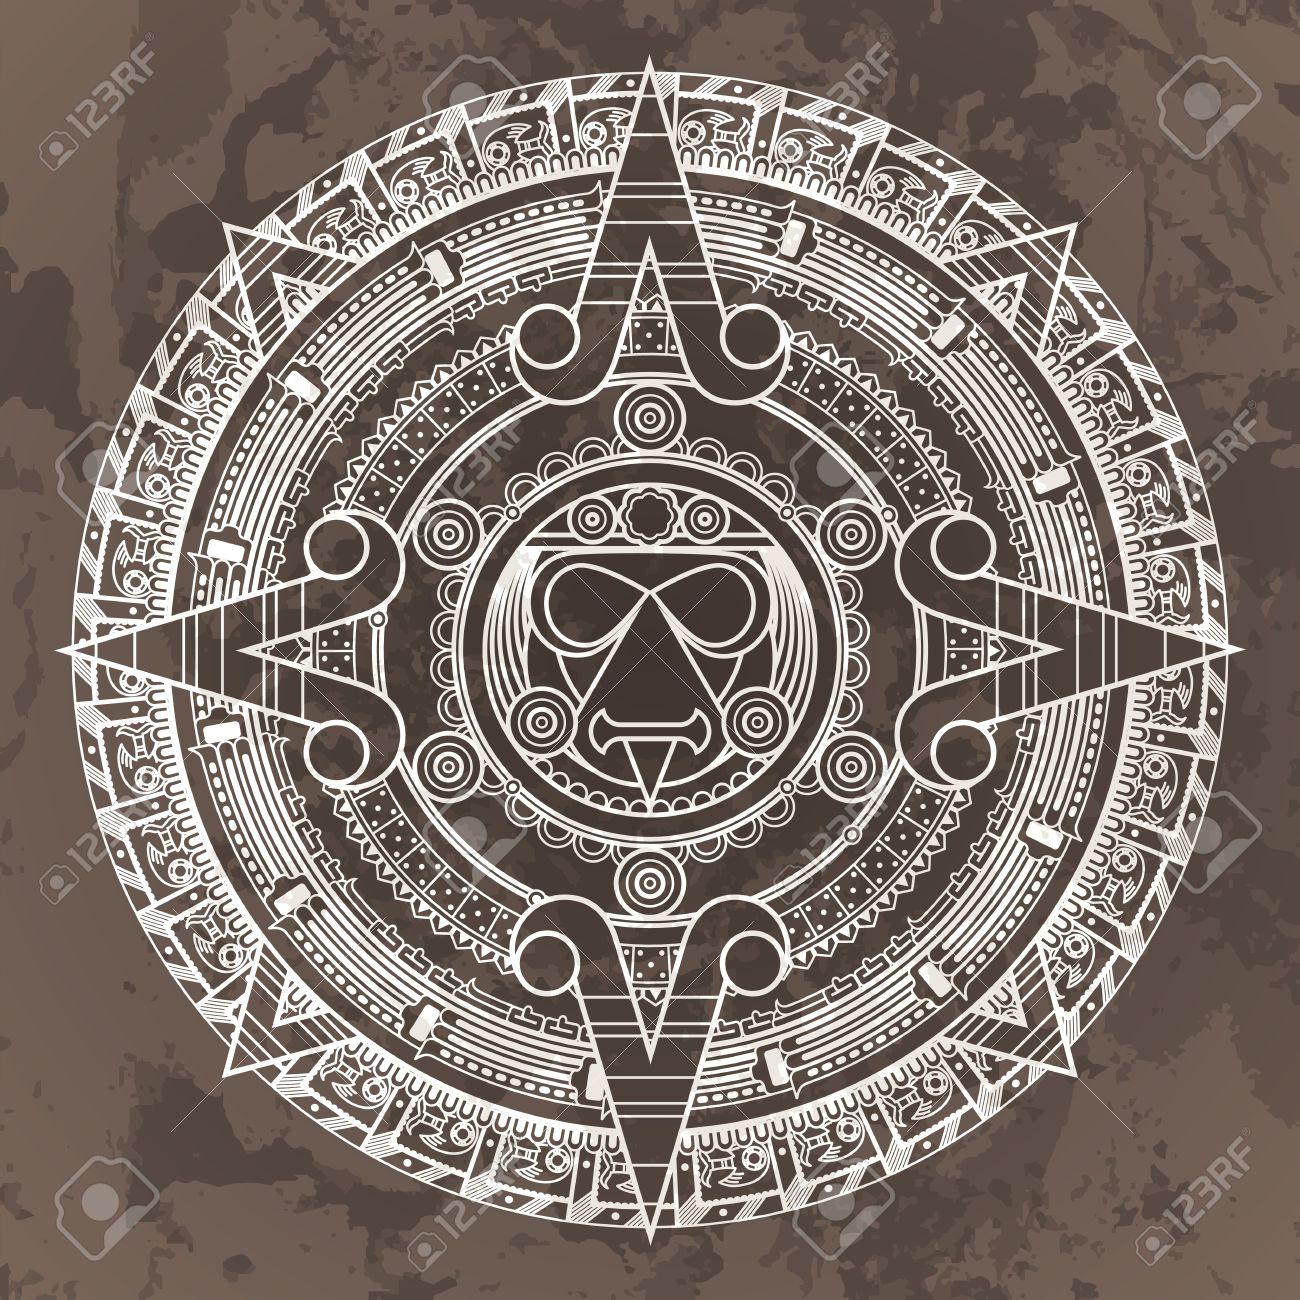 Calendario Azteca.Vector Patron Circular En El Estilo De La Piedra Del Calendario Azteca Sobre Un Fondo Grunged